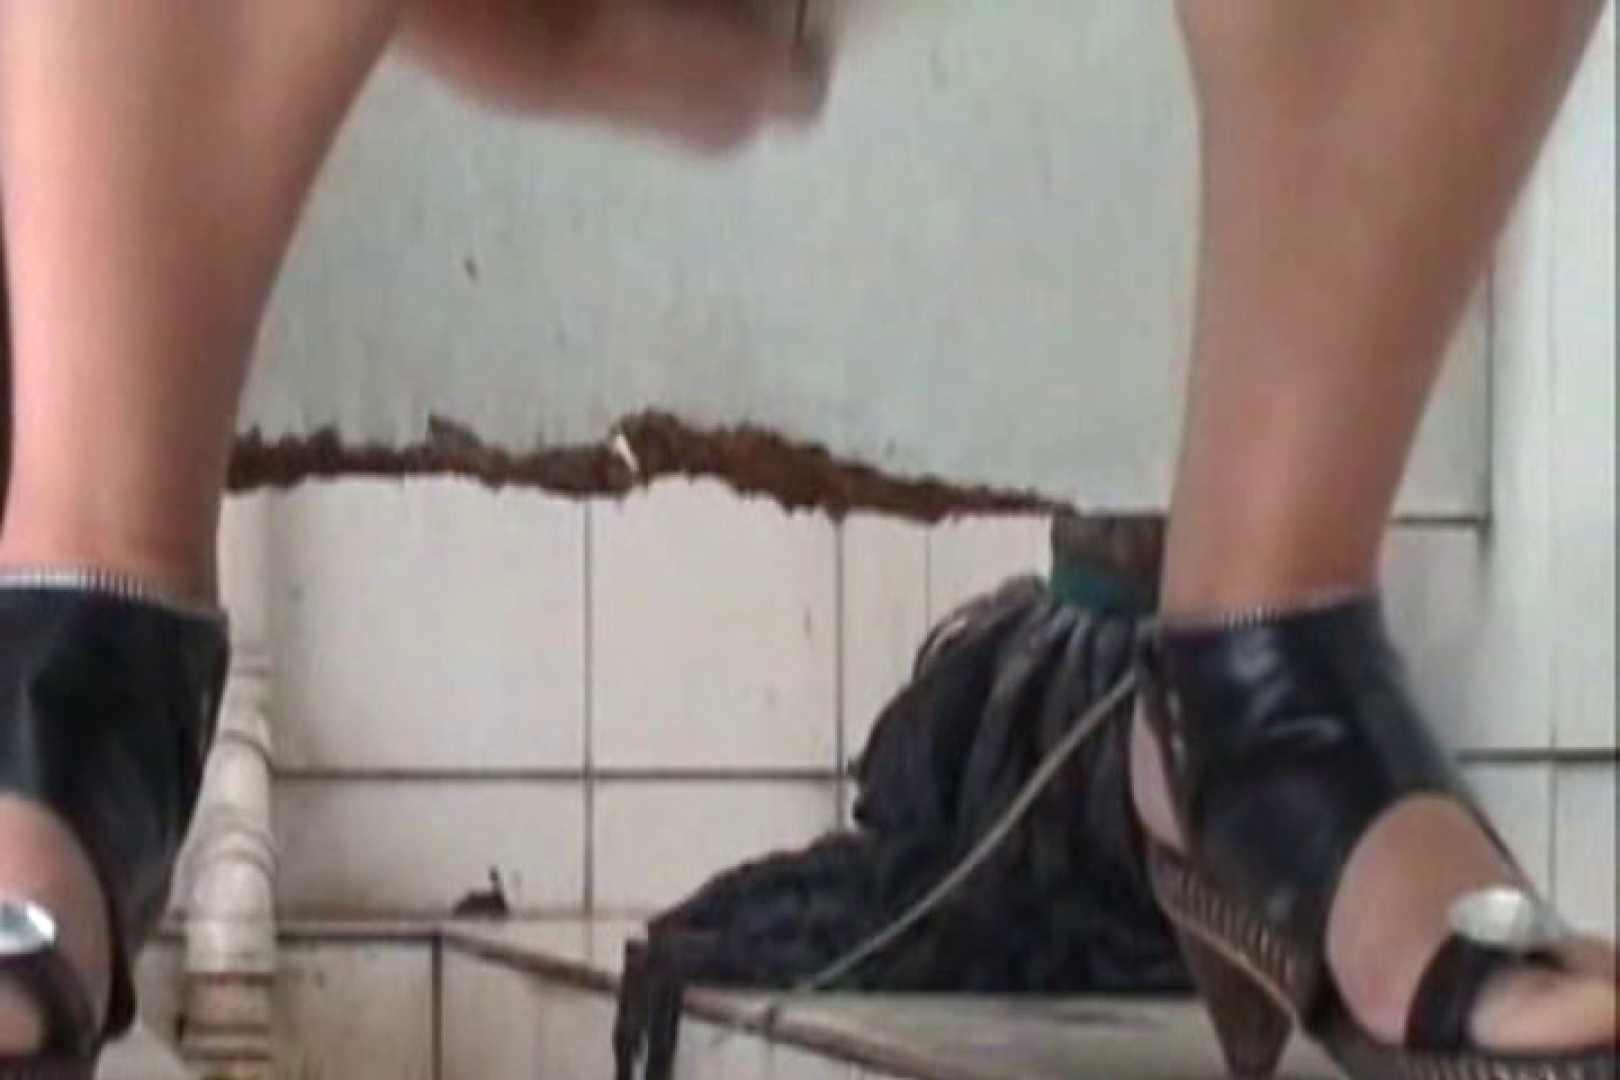 ぼっとん洗面所スペシャルVol.4 おまんこ 覗きおまんこ画像 94PIX 89